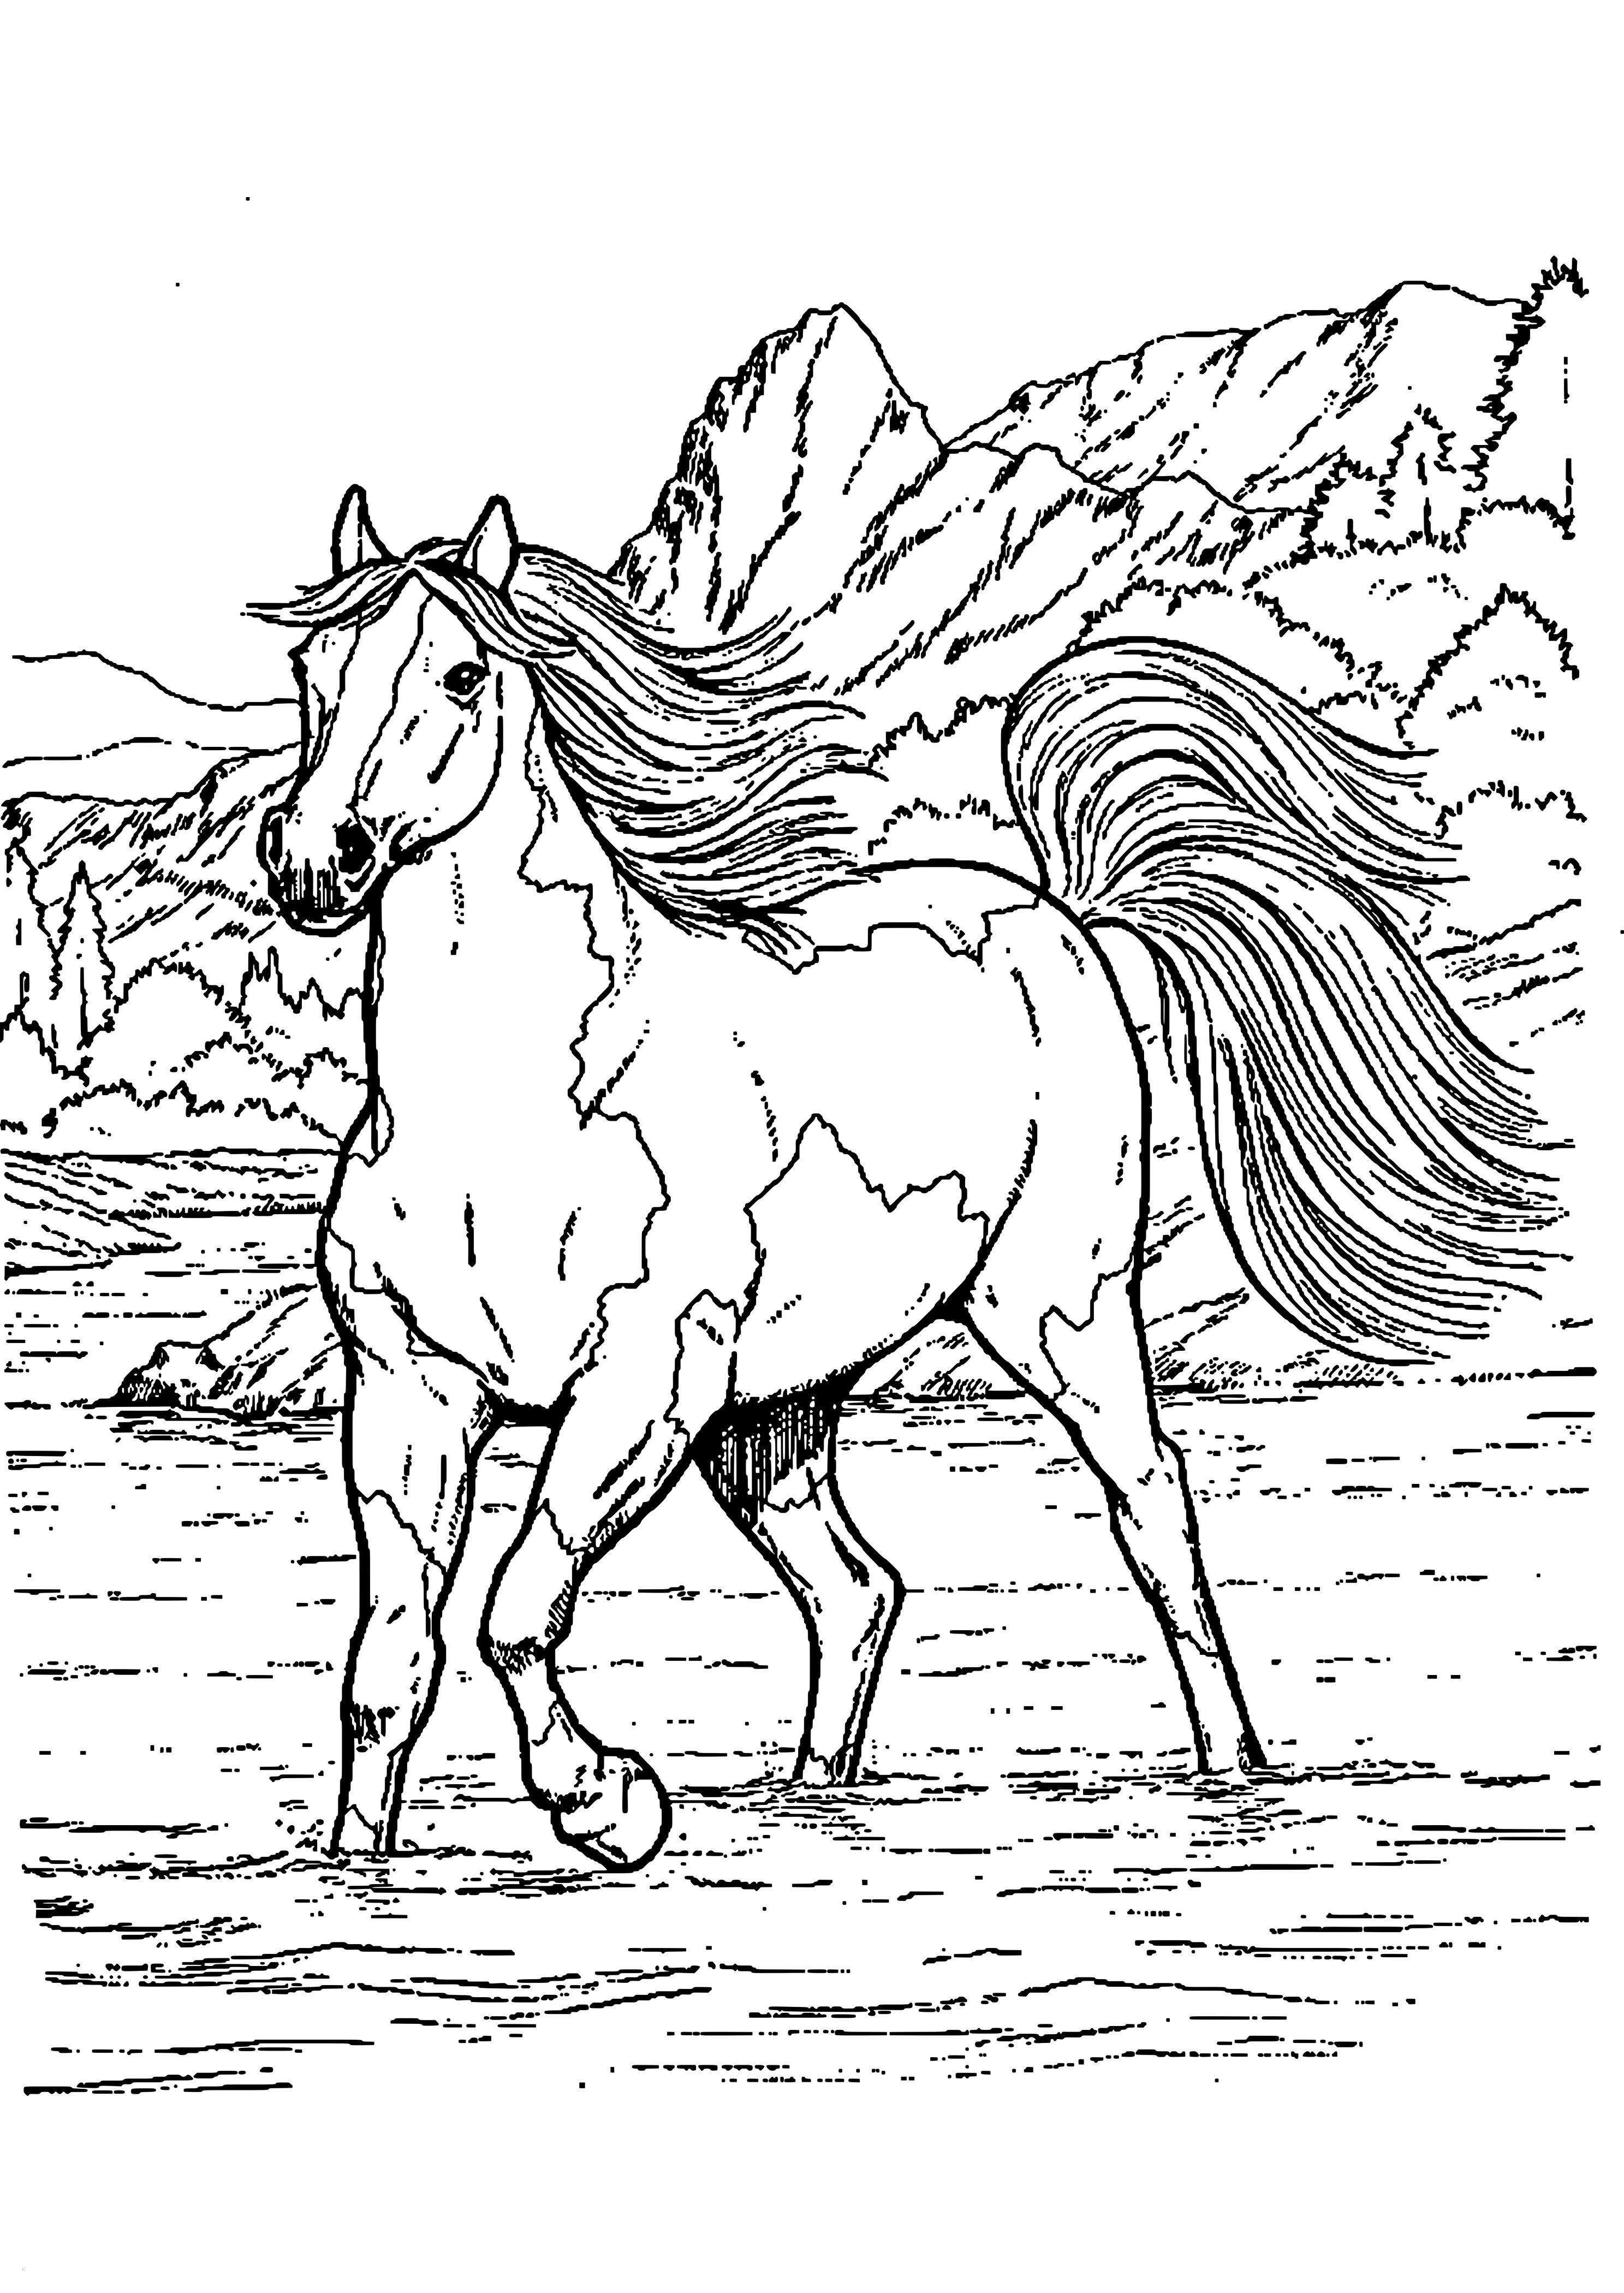 Ausmalbilder Pferde Mit Fohlen Neu 38 Ausmalbilder Pferde Mit Fohlen Scoredatscore Luxus Kinder Bilder